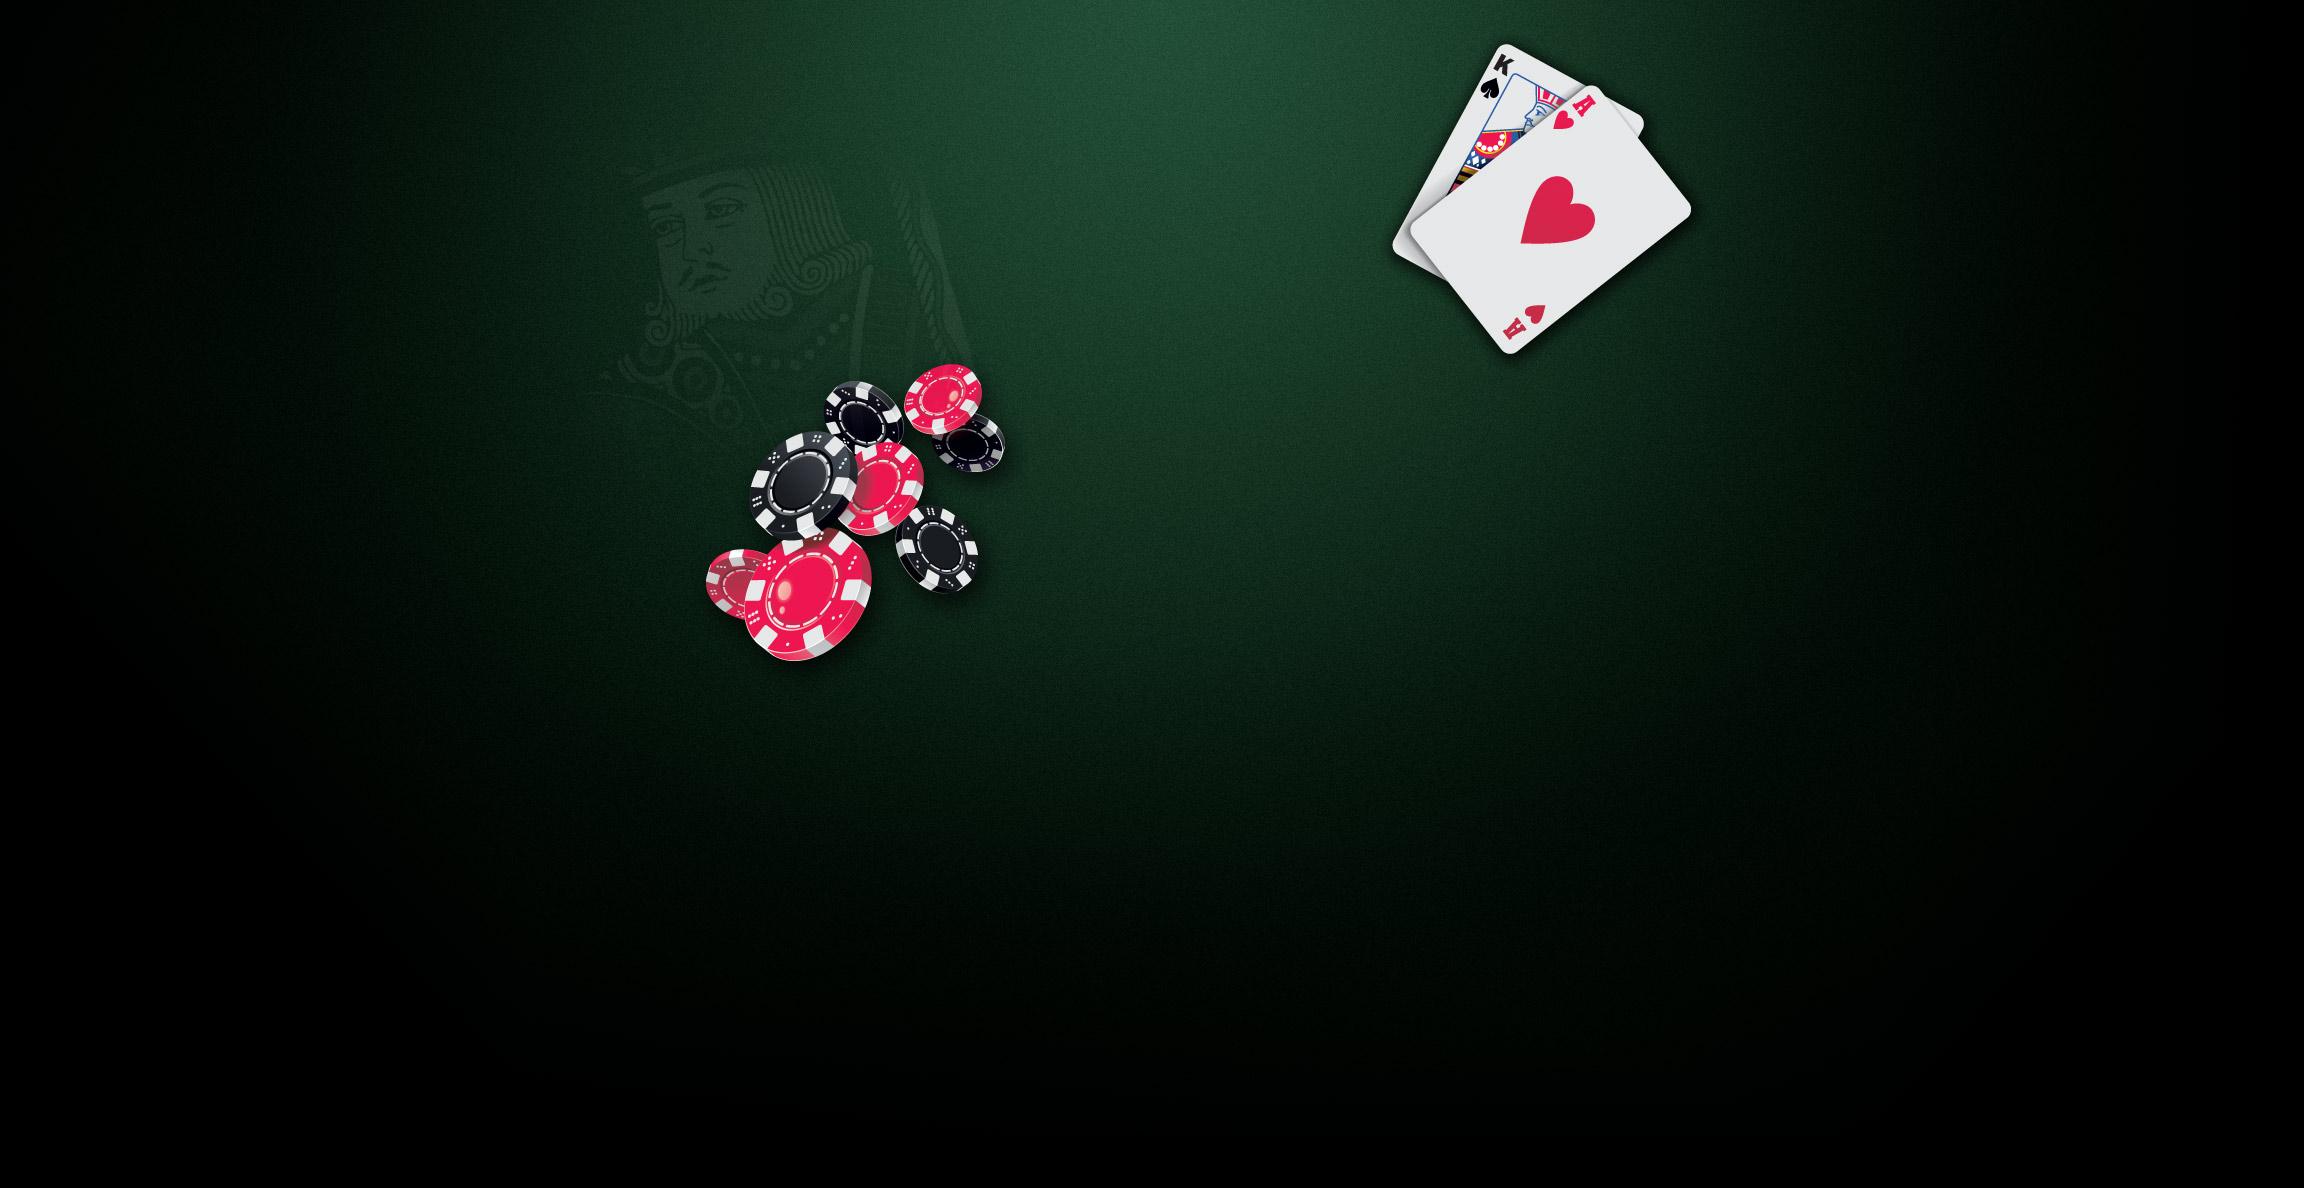 Blackjack : s'initier gratuitement avec les bonus de bienvenue